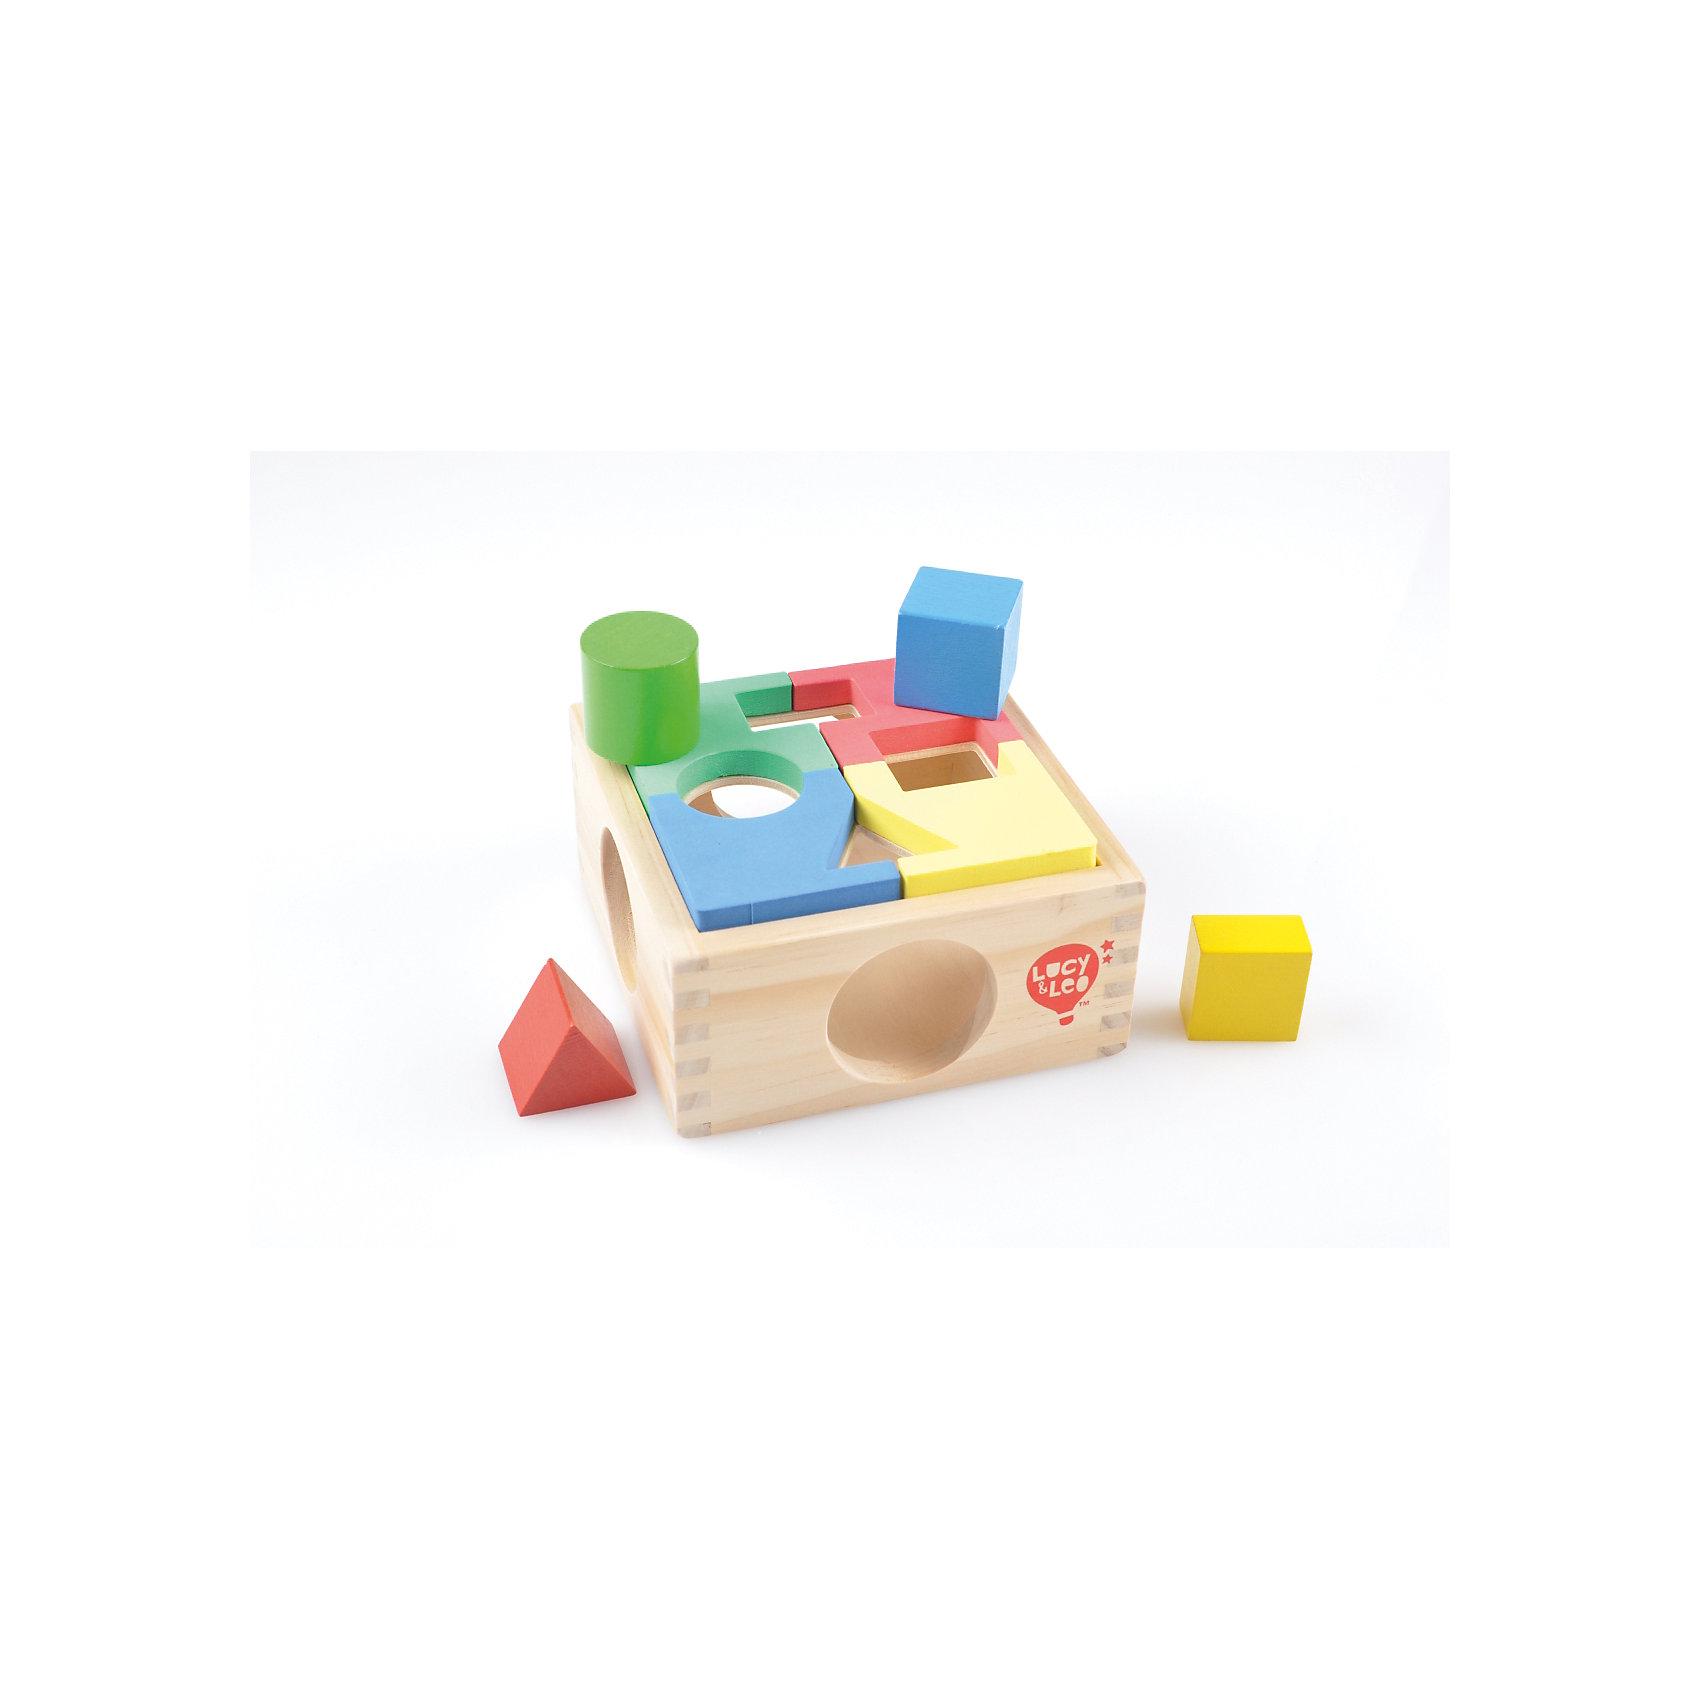 Занимательная коробка, Мир деревянных игрушекСортеры<br>Занимательная коробка – целый комплекс для развития ребенка!<br>Коробка-сортер включает в себя 4 пирамидки, которые обучают ребенка простому счету, цветам и формам. У каждой фигурки своя форма, цвет и отверстие в коробке. Специальная накладка может «раскрасить» отверстия, чтобы усложнить задачу. Игрушка изготовлена из натурального дерева. Подходит для детей от 3 лет и старше. <br><br>Дополнительная информация:<br><br>- материал: натуральное дерево, ЭВА<br>- размер: 145х90х150<br>- вес: 357г<br>- возраст: от 3 лет<br><br>Занимательную коробку можно купить в нашем интернет-магазине.<br><br>Ширина мм: 145<br>Глубина мм: 90<br>Высота мм: 150<br>Вес г: 357<br>Возраст от месяцев: 36<br>Возраст до месяцев: 2147483647<br>Пол: Унисекс<br>Возраст: Детский<br>SKU: 4895860